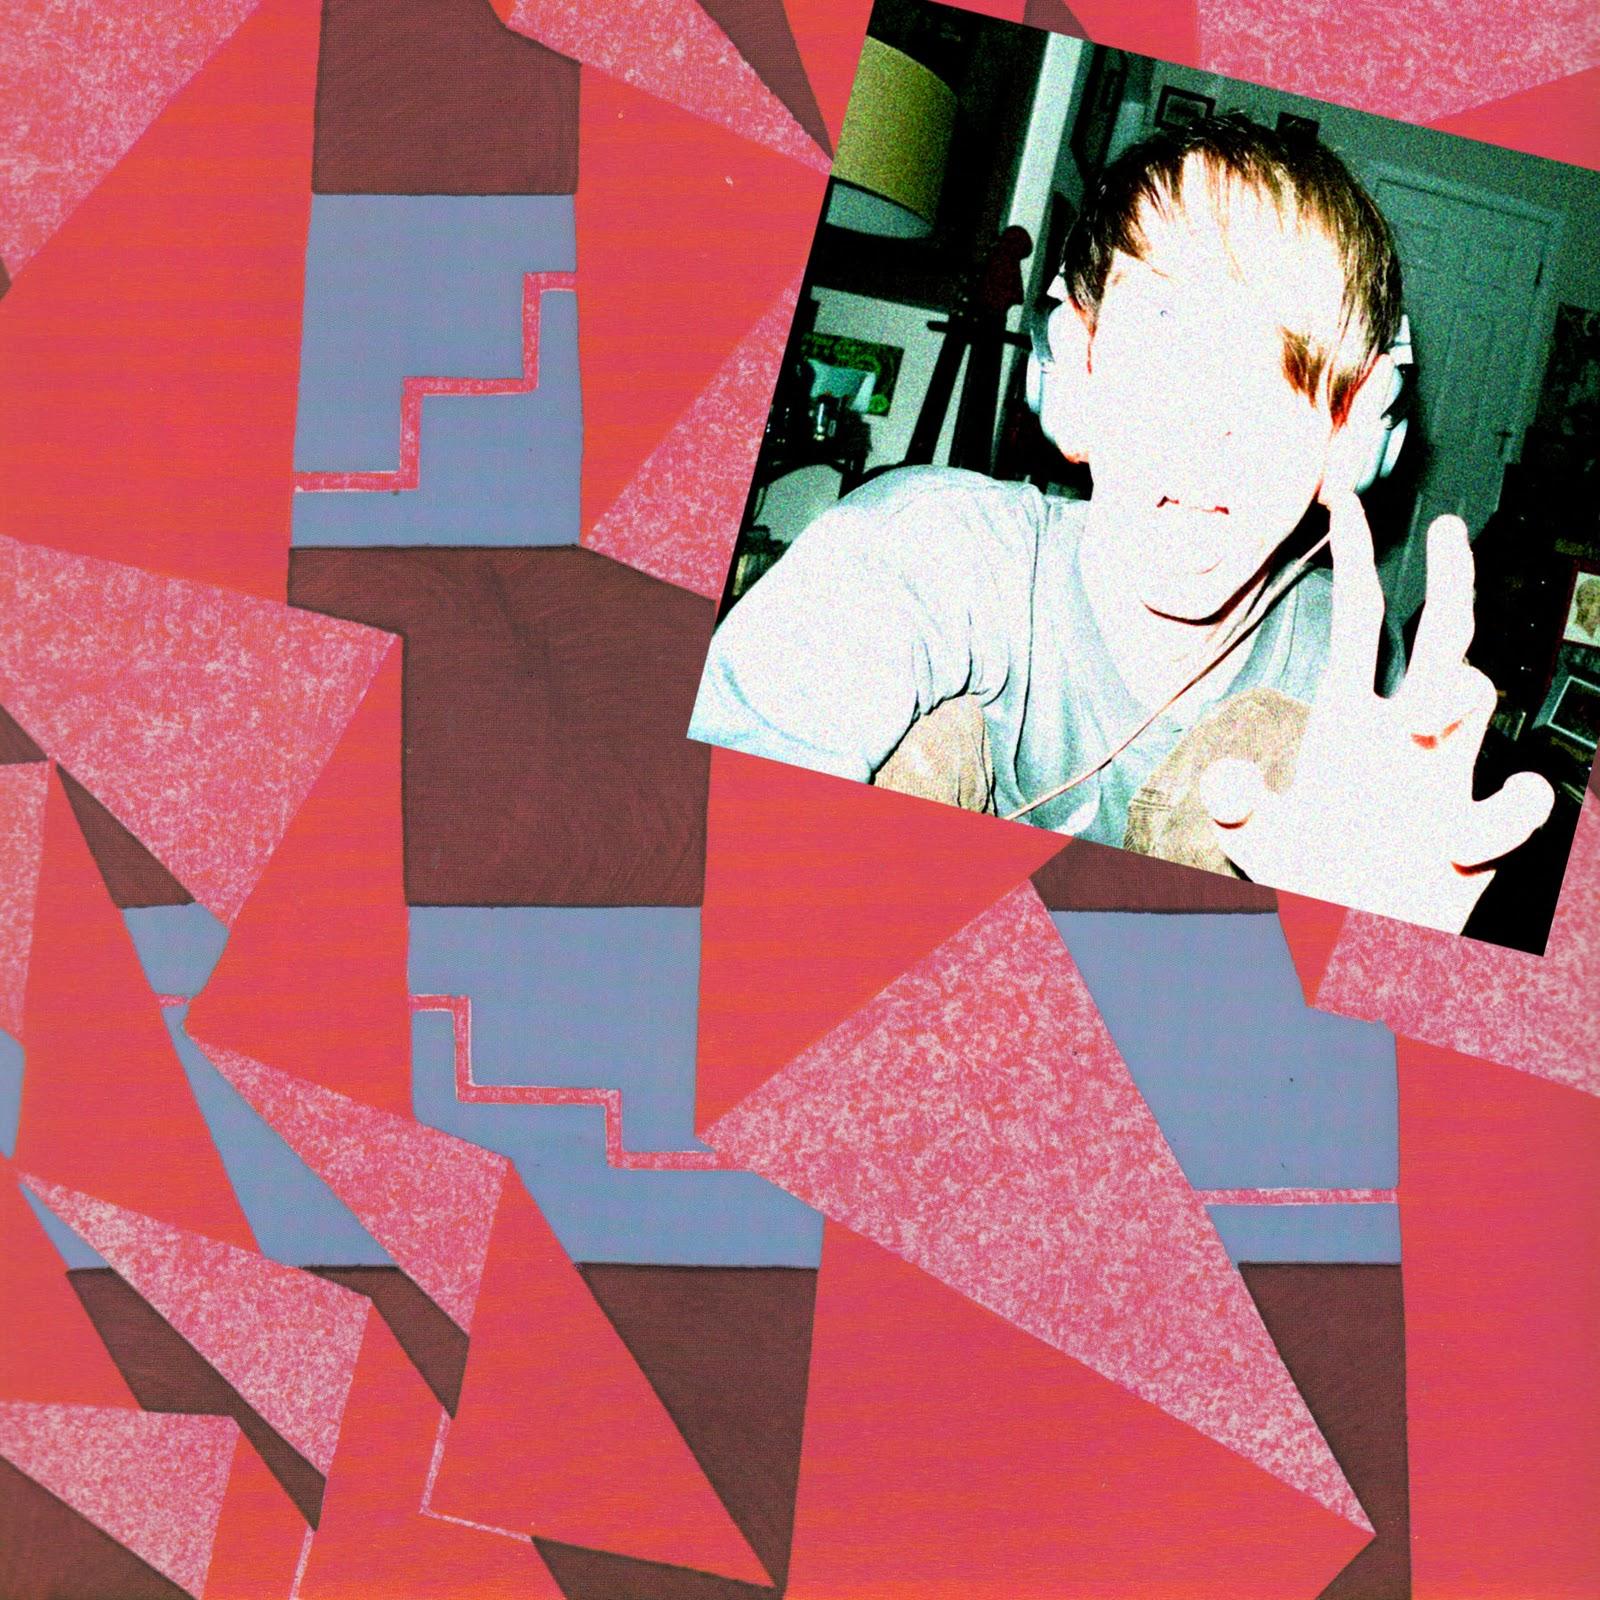 http://4.bp.blogspot.com/_H1KBN_lPevE/TOpDyXE60fI/AAAAAAAABSM/9Fv5oDAPAdA/s1600/Atlas_Sound_Bedroom_Databank.jpg